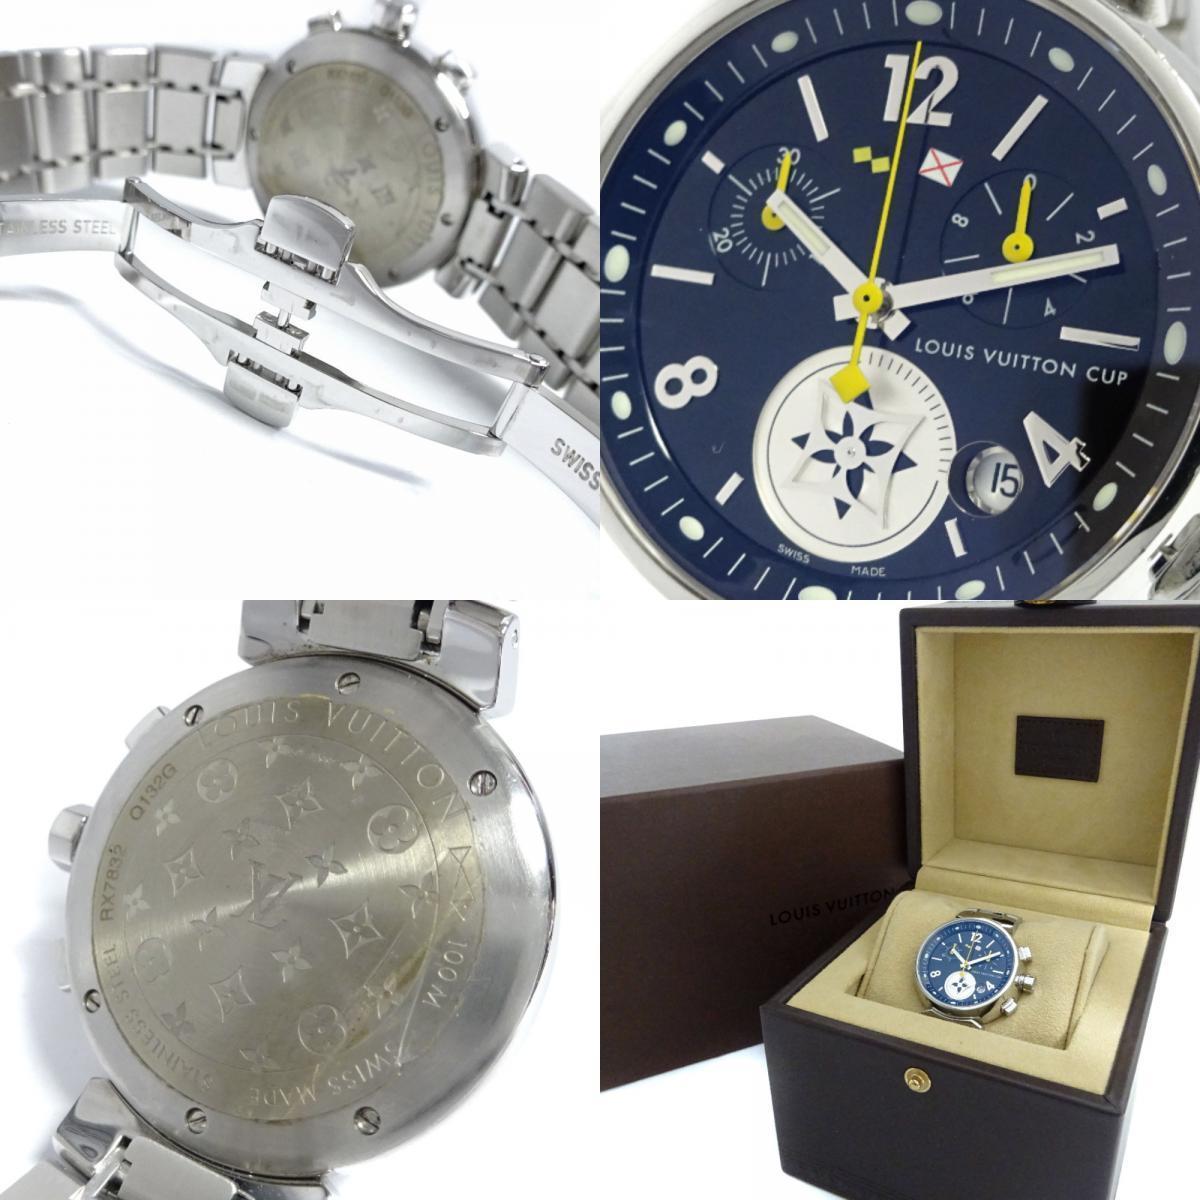 即決 ルイ ヴィトン タンブール ラブリーカップMM ボーイズ 腕時計 レディース クオーツ ブラック文字盤 シルバー Q132G_画像10